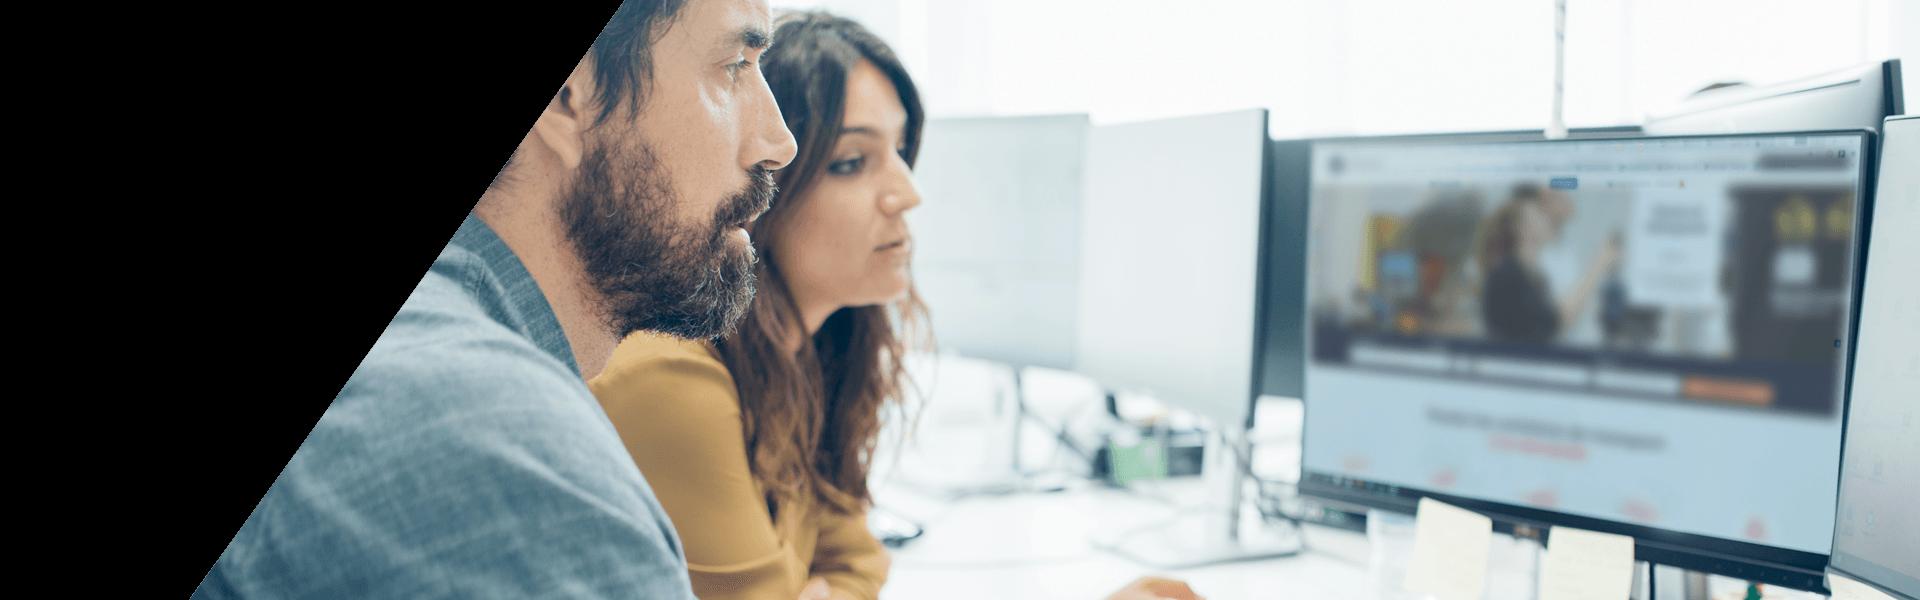 2 personnes regardant un ordinateur avec le site d'Arvey affiché